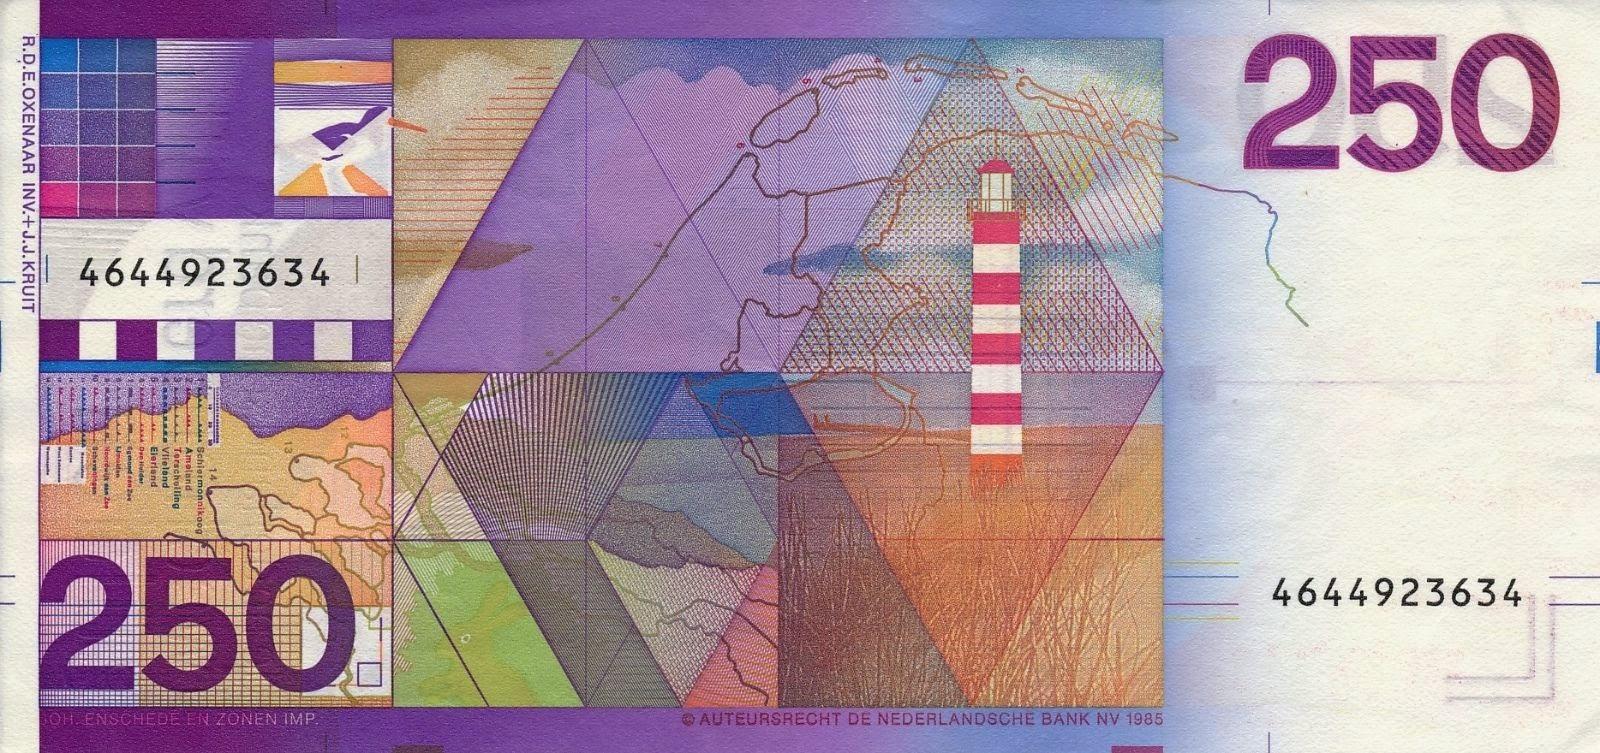 Dutch Guilder Banknotes 250 Gulden Bank note 1985 Lighthouse